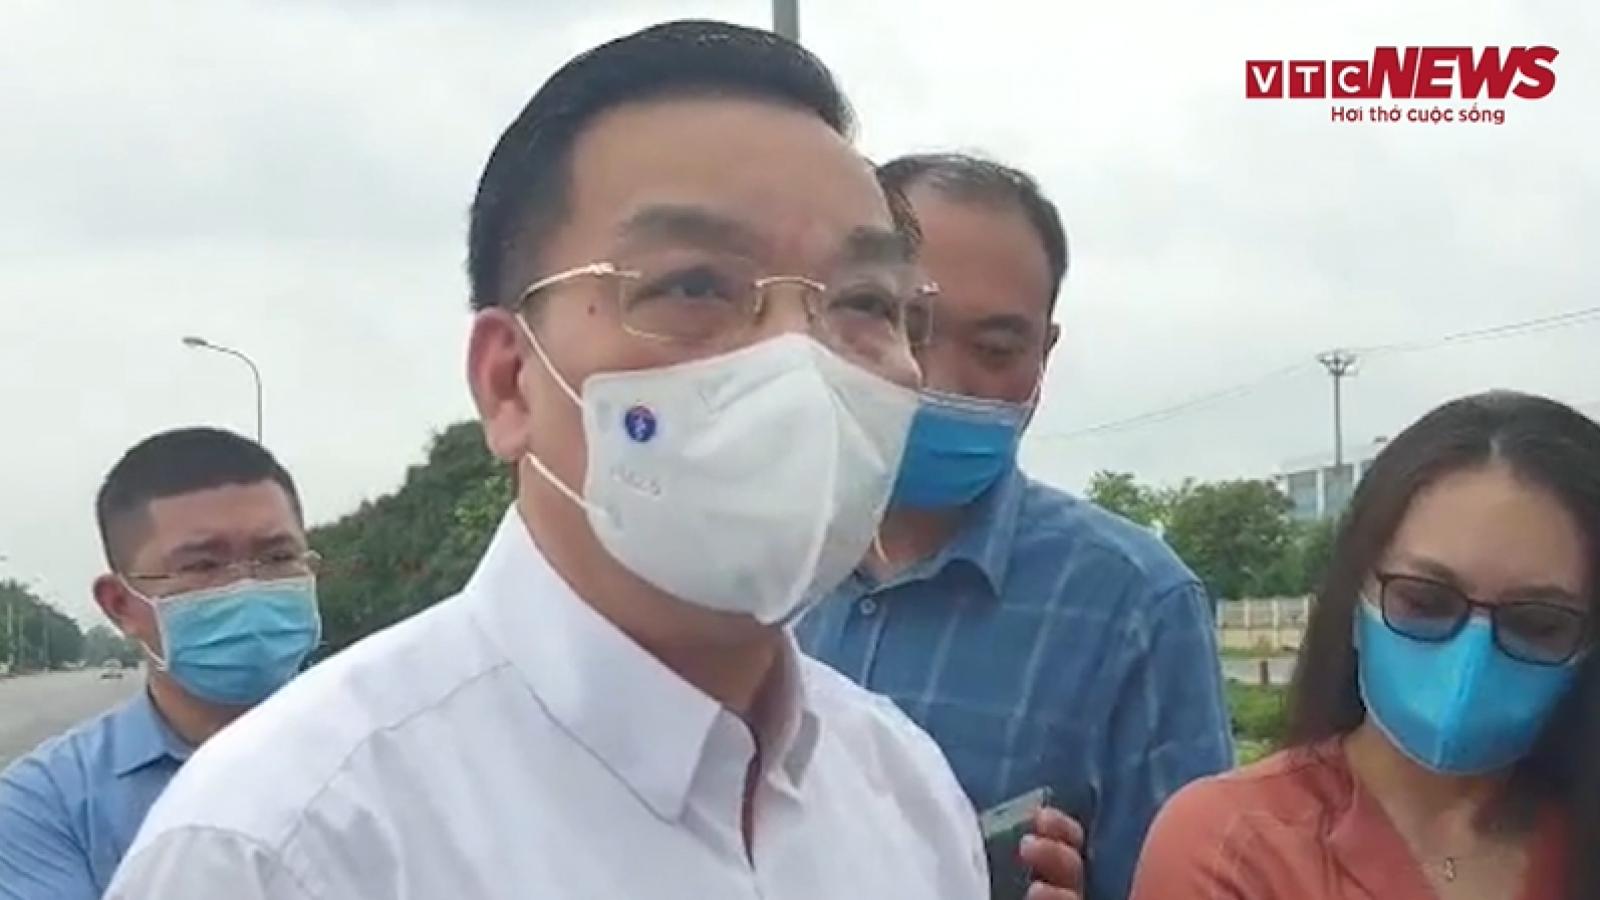 Chủ tịch UBND Thành phố Hà Nội kiểm tra việc cách ly y tế BV Bệnh nhiệt đới TW